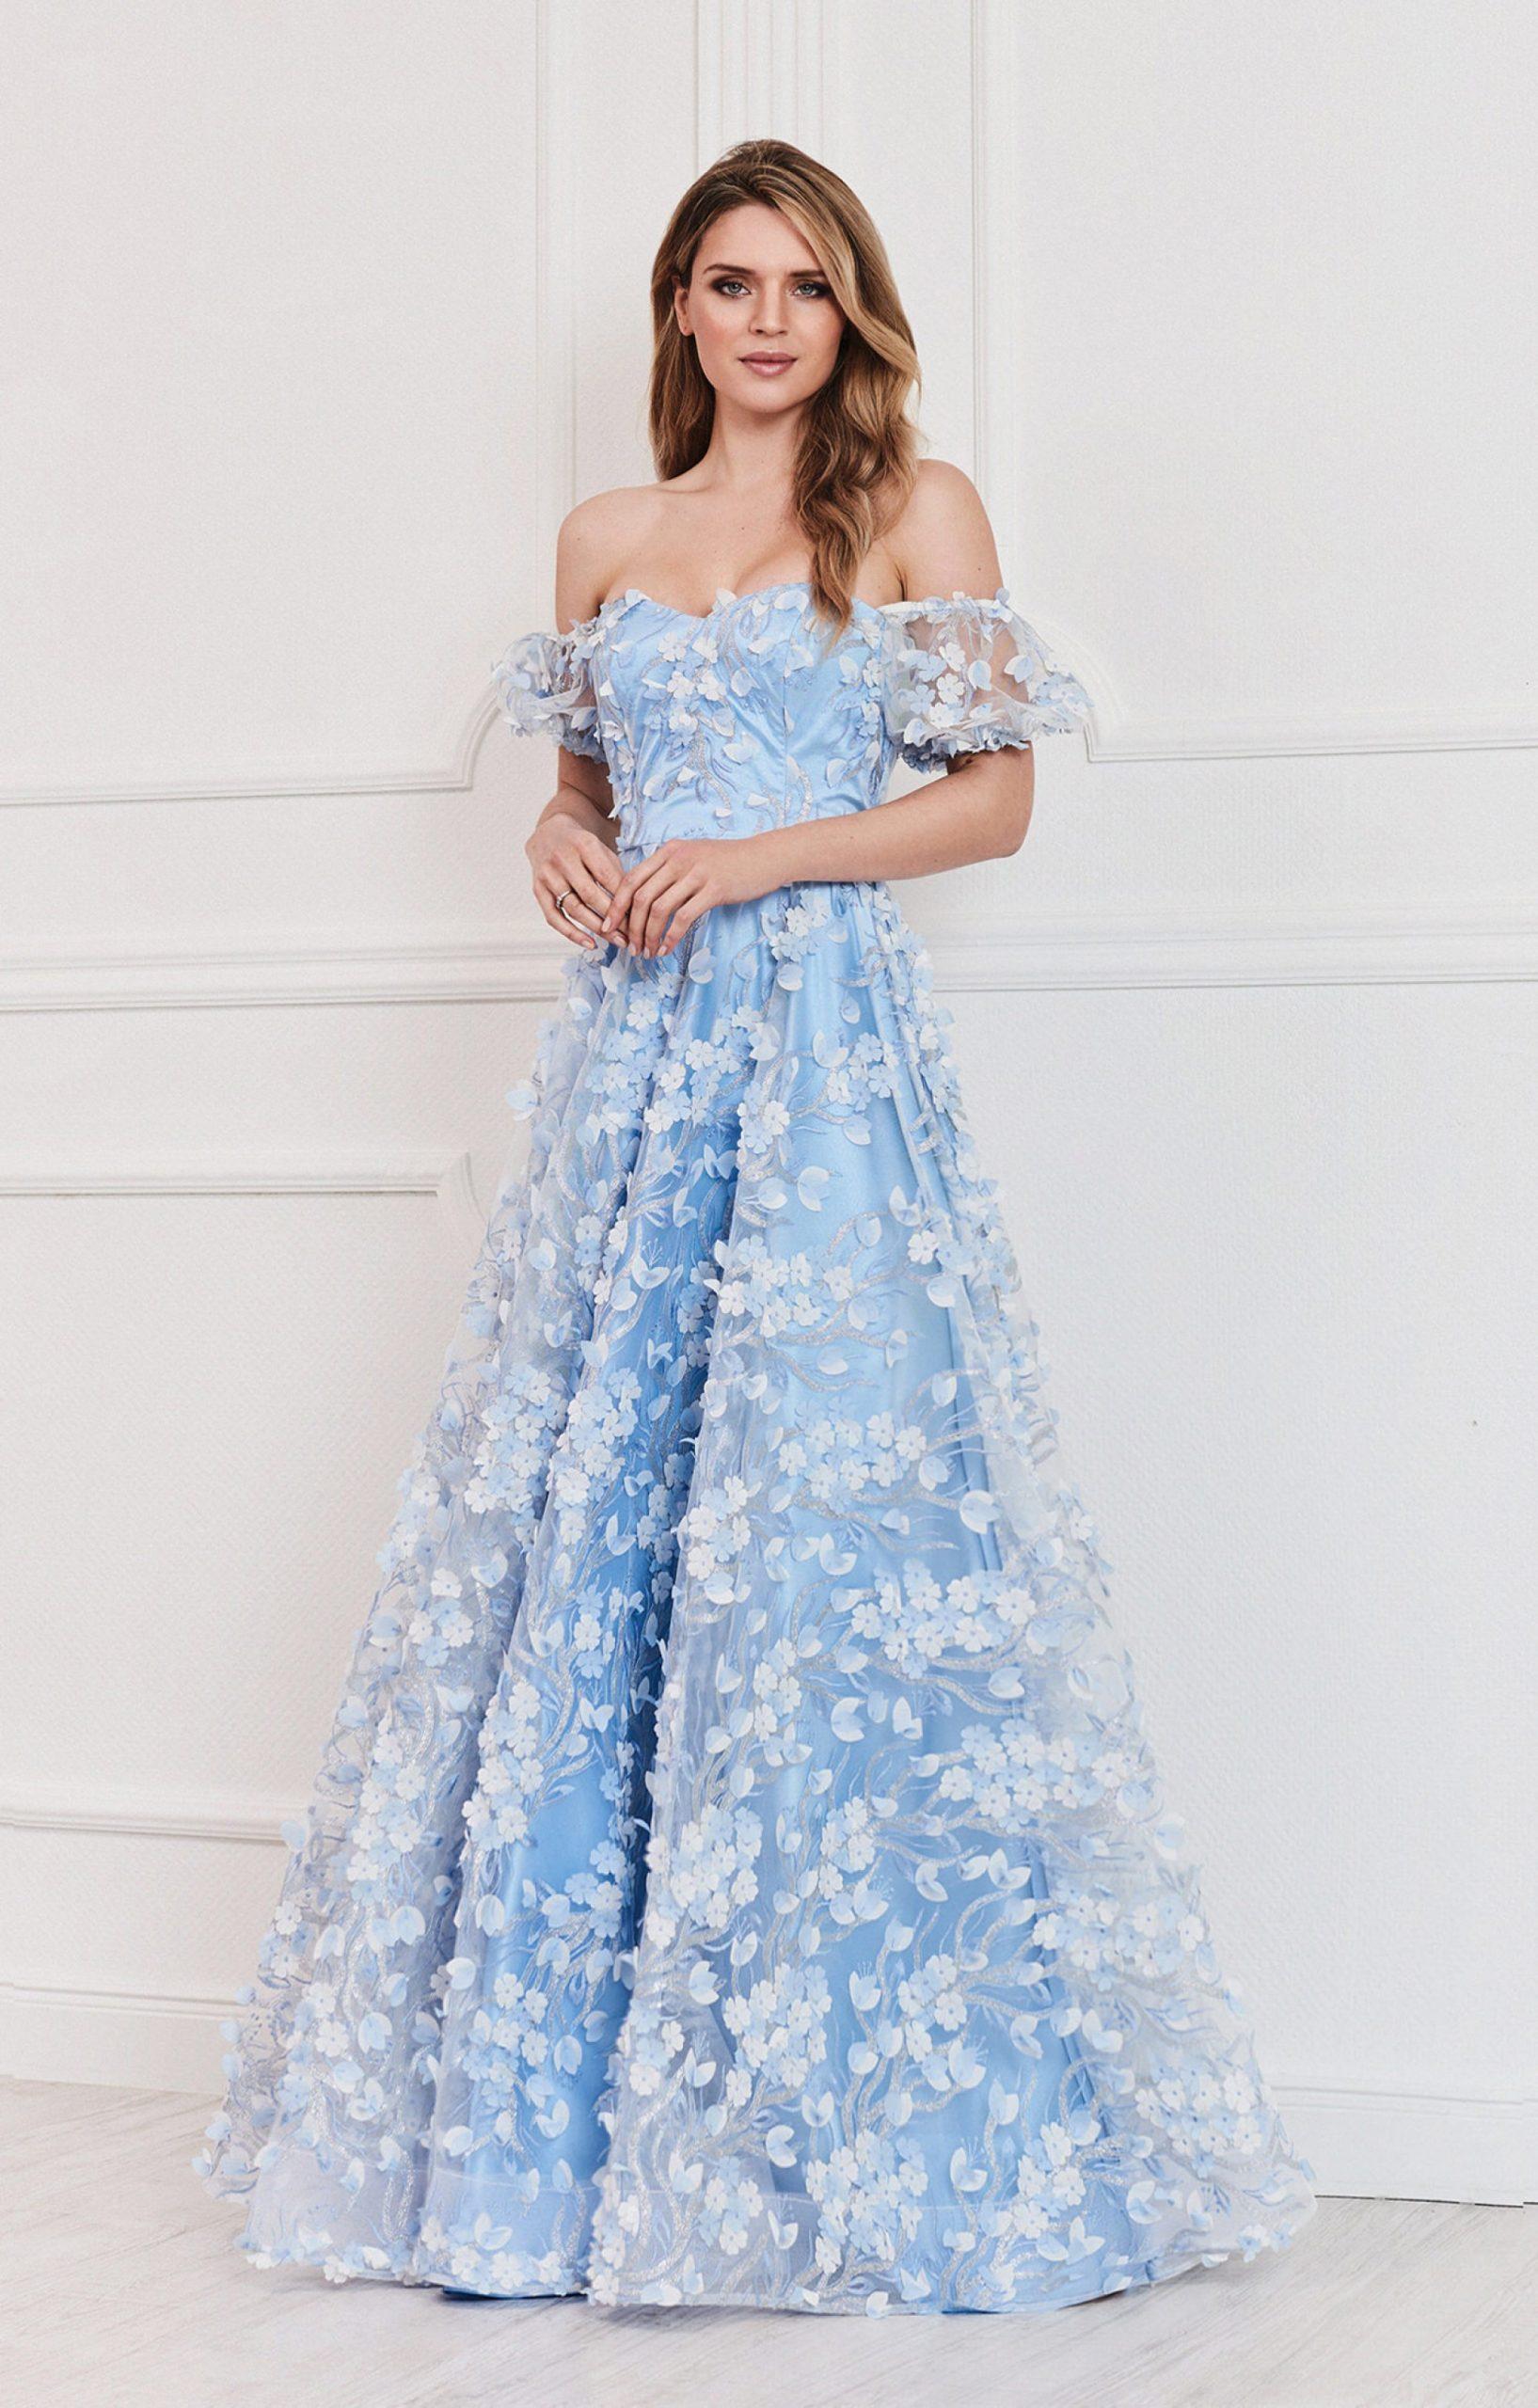 Leicht Blau Abend Kleider Spezialgebiet17 Luxurius Blau Abend Kleider Ärmel